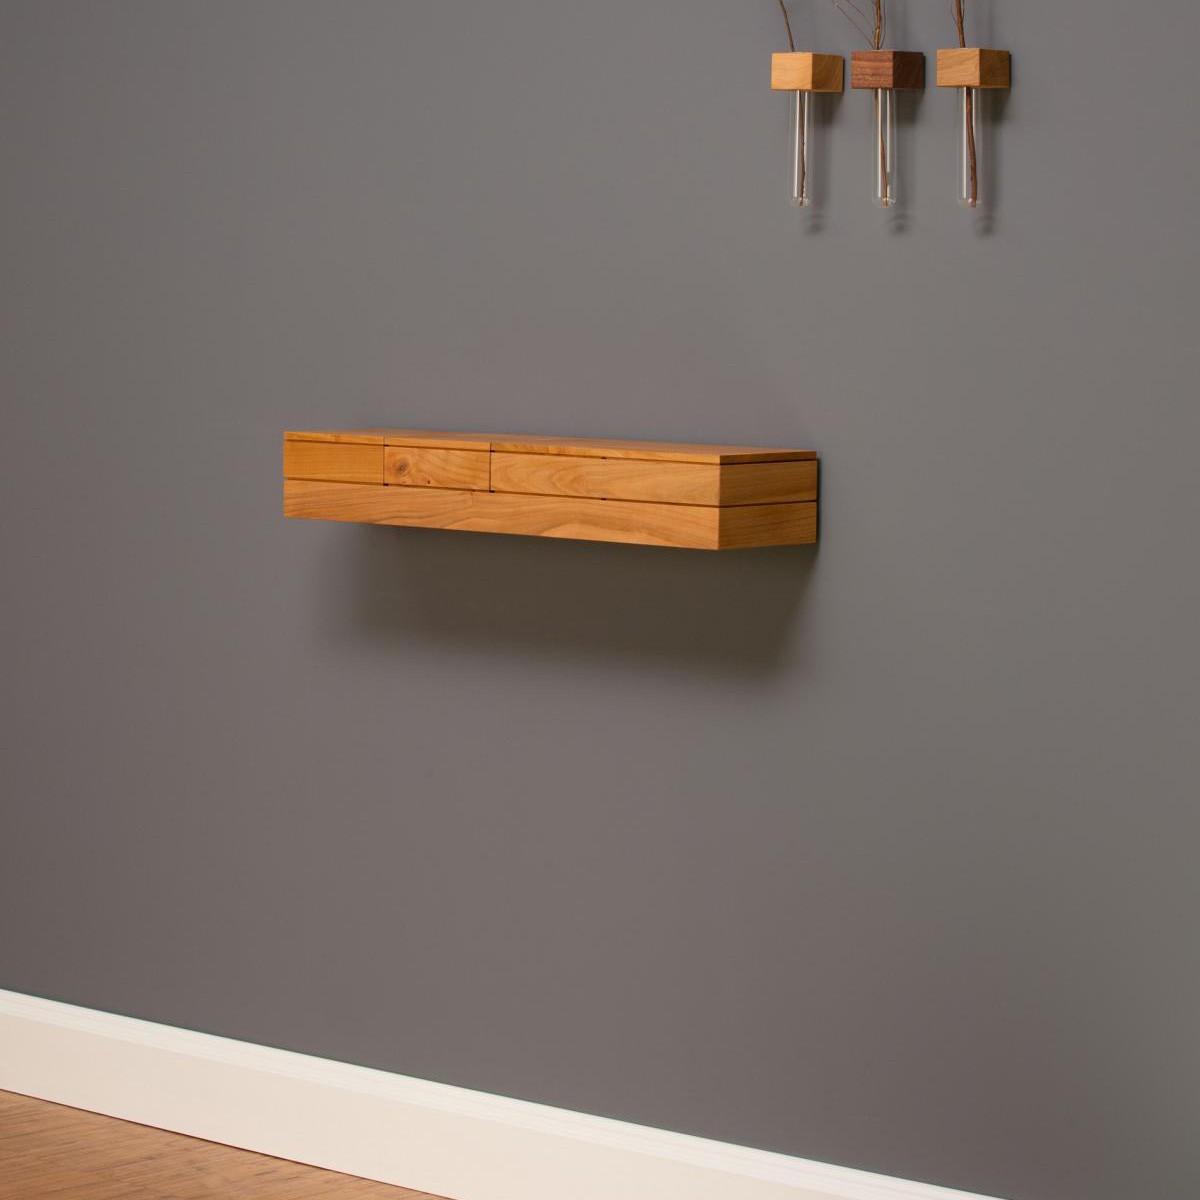 wandkonsole k2 in kirschbaum von jack lucy. Black Bedroom Furniture Sets. Home Design Ideas